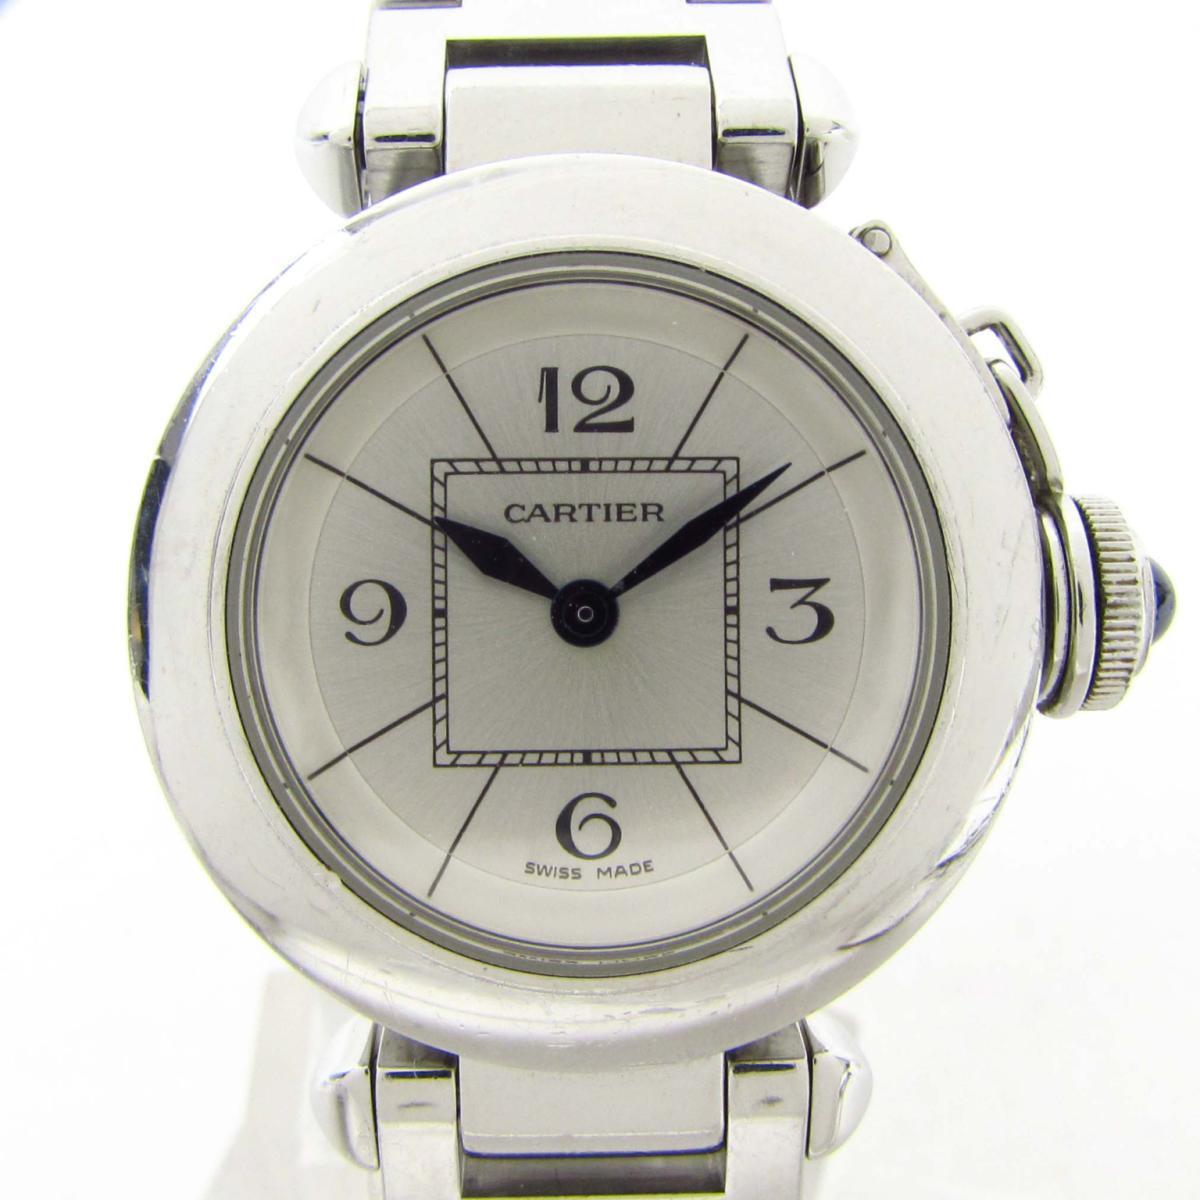 【中古】 カルティエ ミス パシャ ウォッチ 腕時計 レディース ステンレススチール (SS) (W3140007) | Cartier BRANDOFF ブランドオフ ブランド ブランド時計 ブランド腕時計 時計